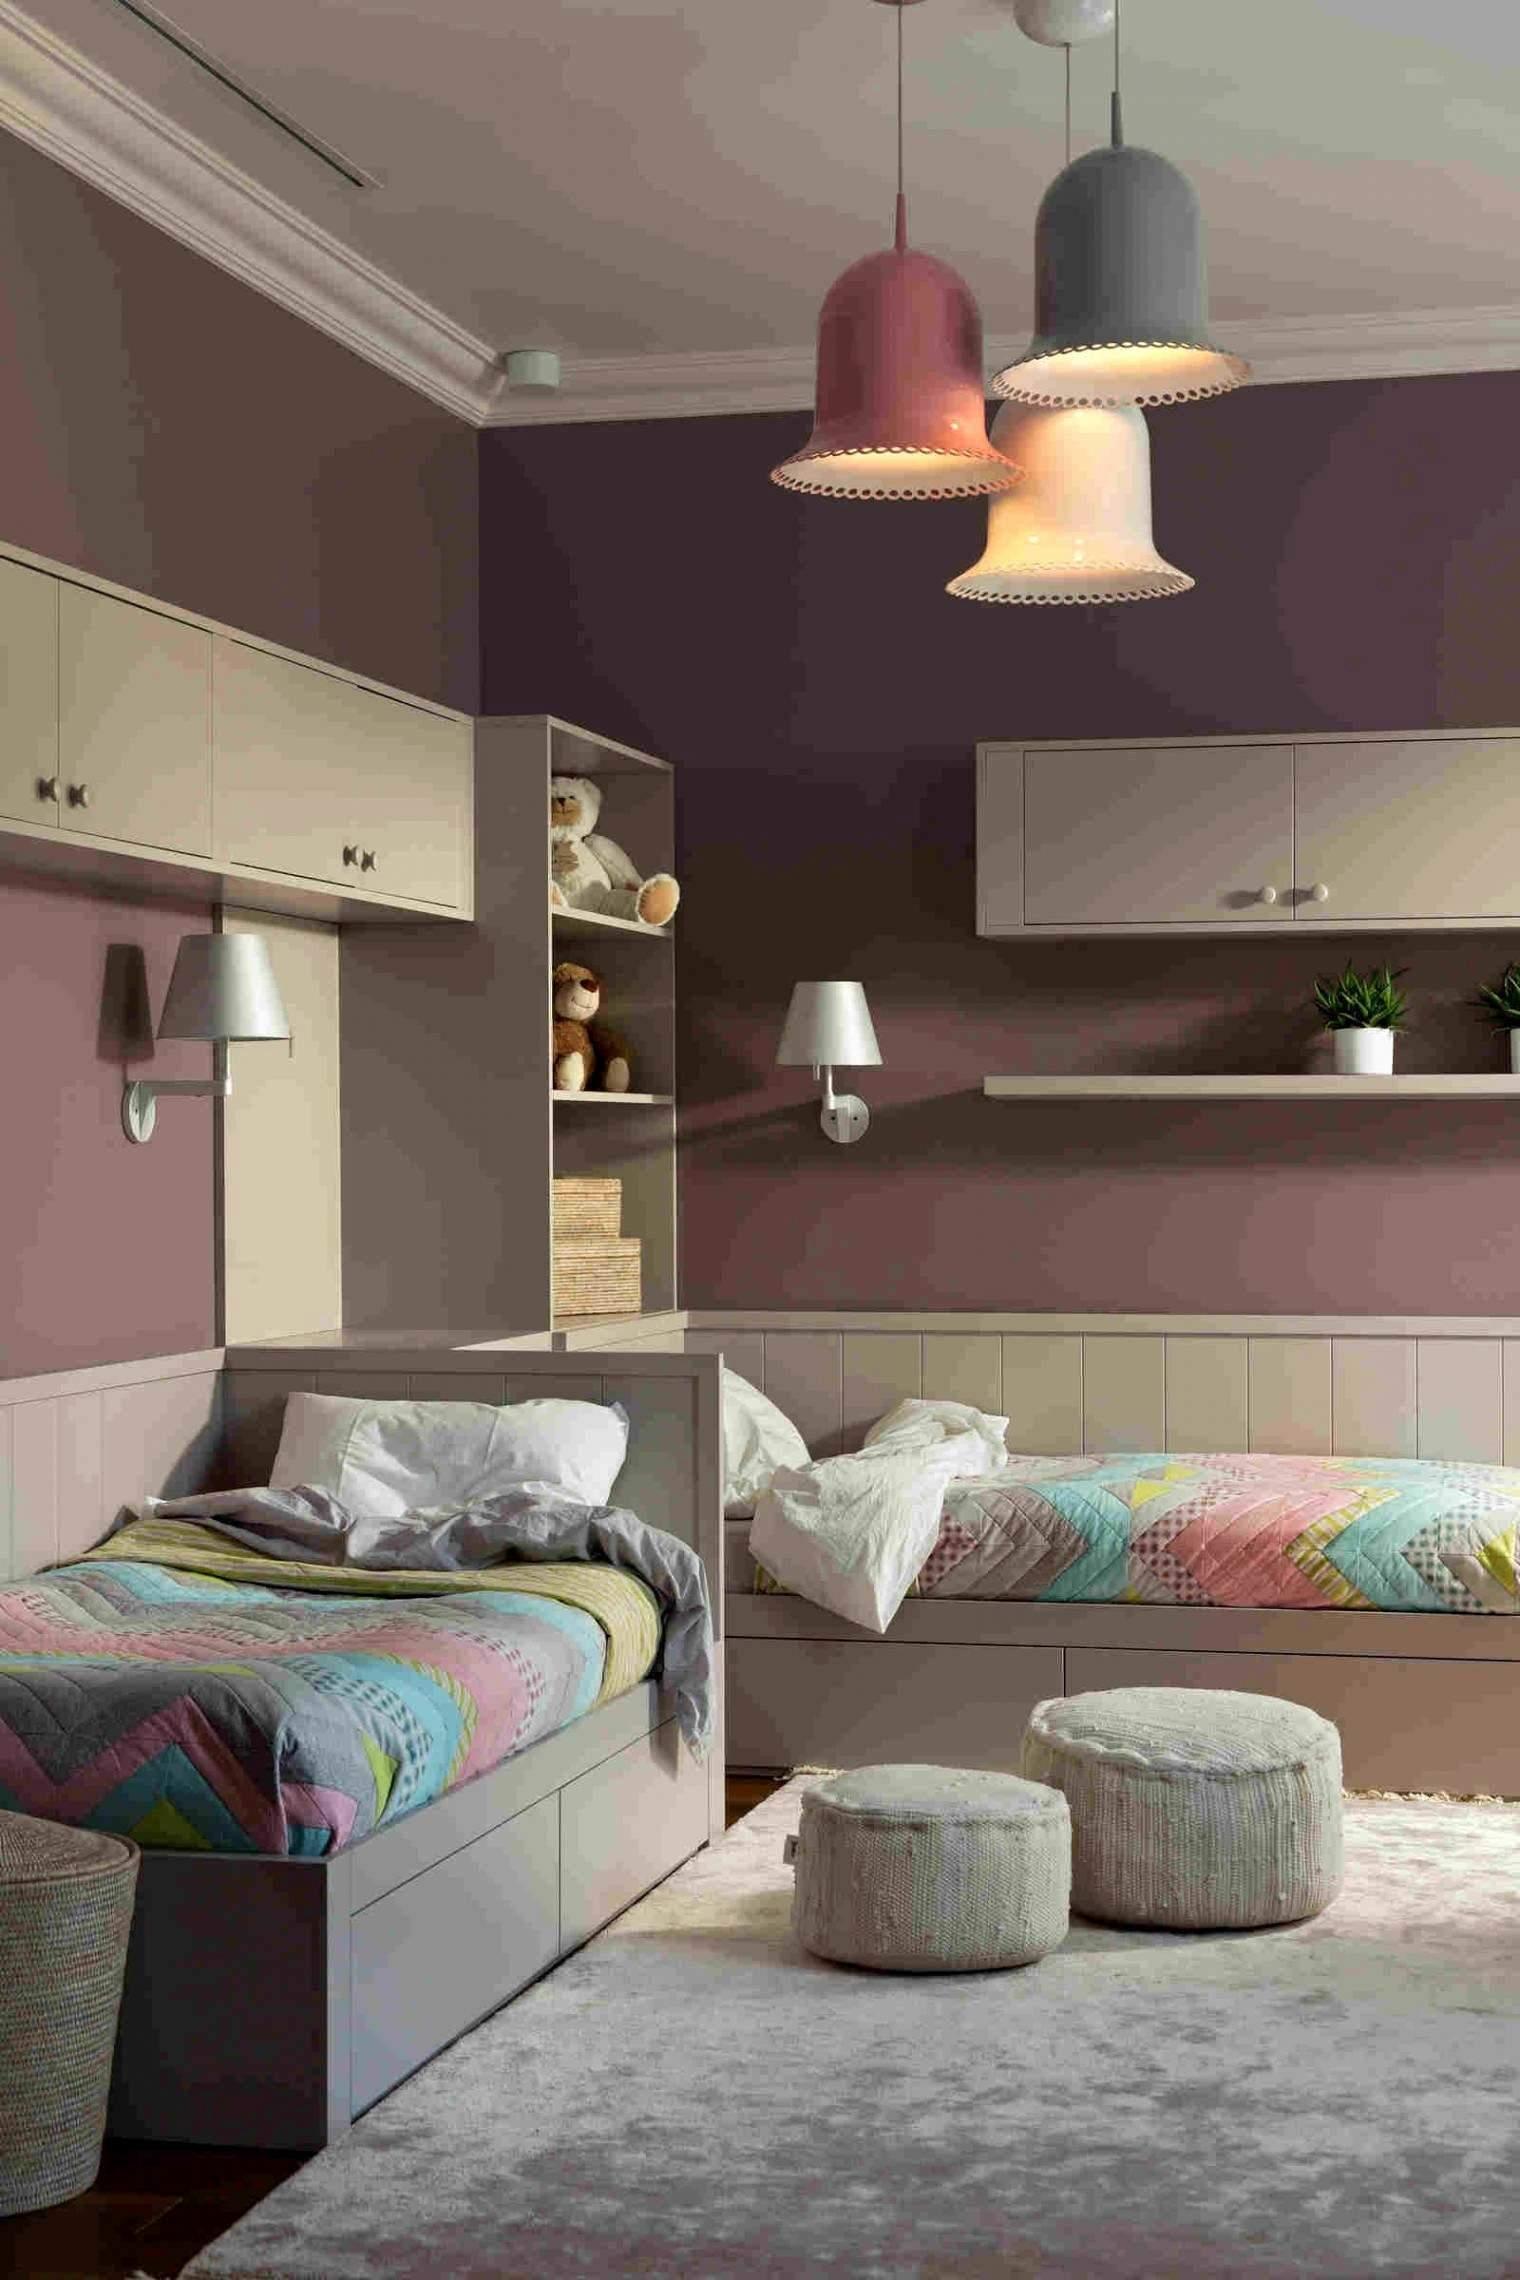 kleines wohnzimmer ideen elegant balkon deko ideen 42 beispiel of kleines wohnzimmer ideen